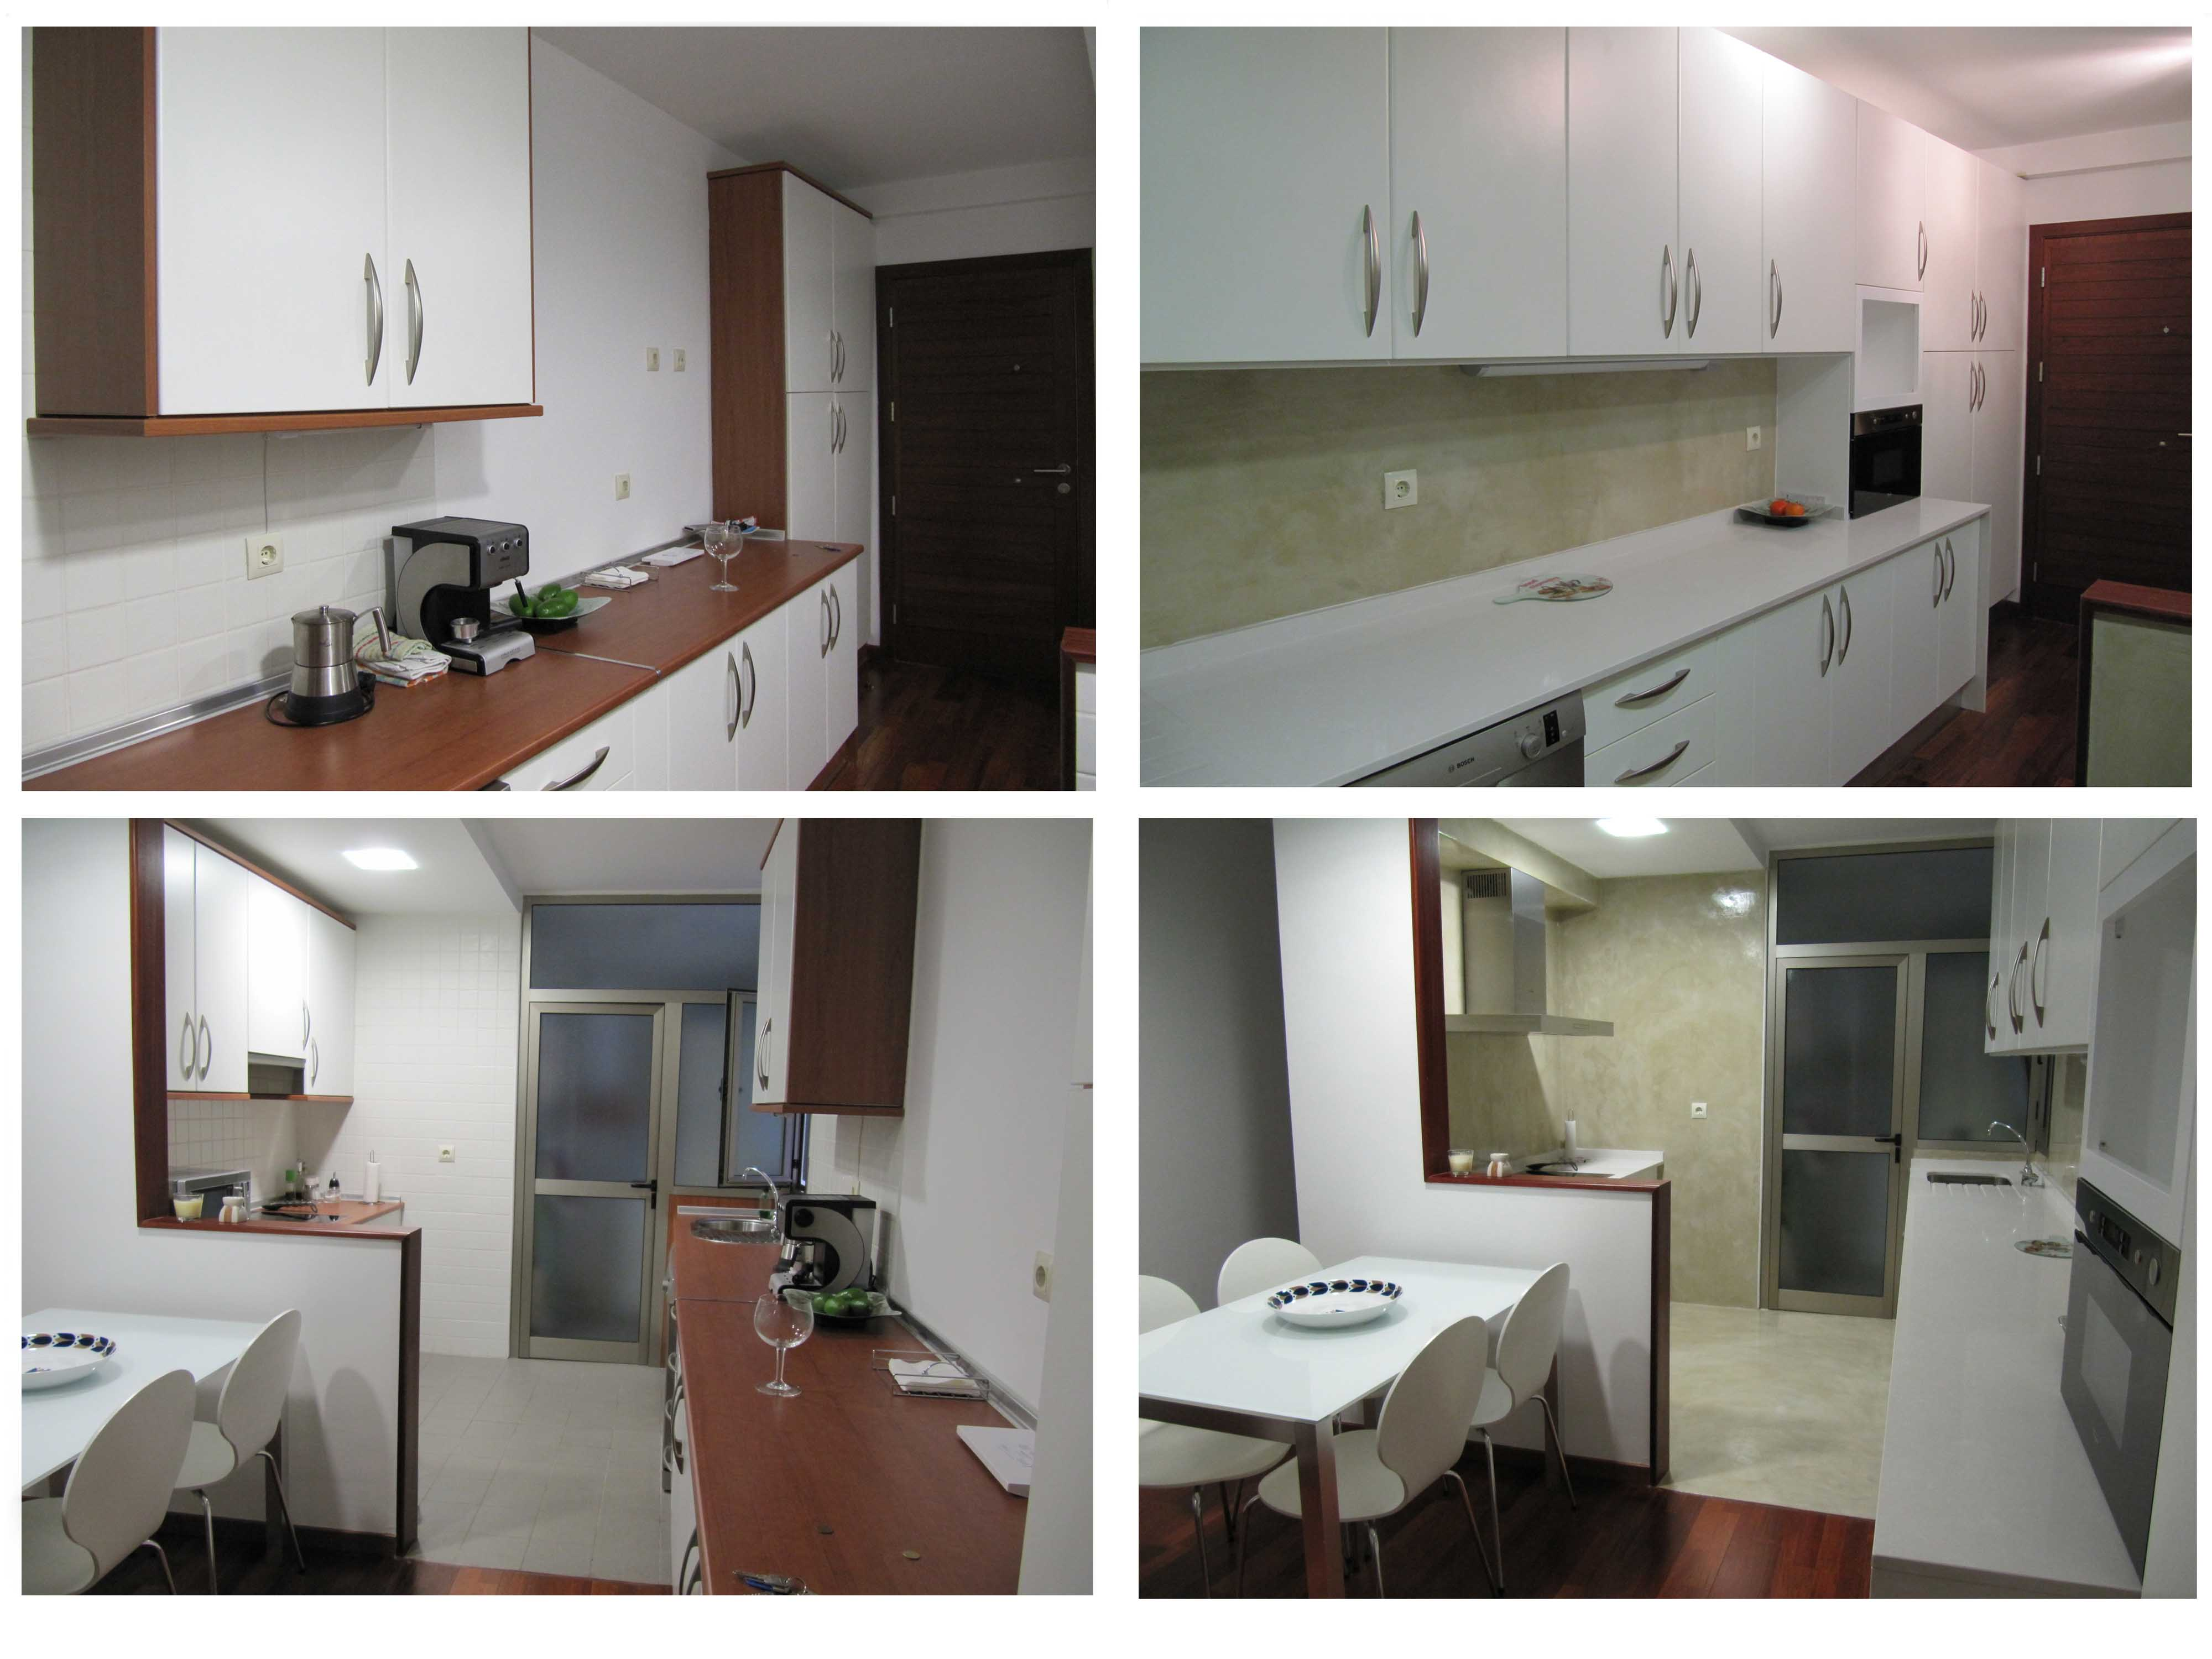 Reformar ba o sin quitar azulejos - Paredes de cocina sin azulejos ...